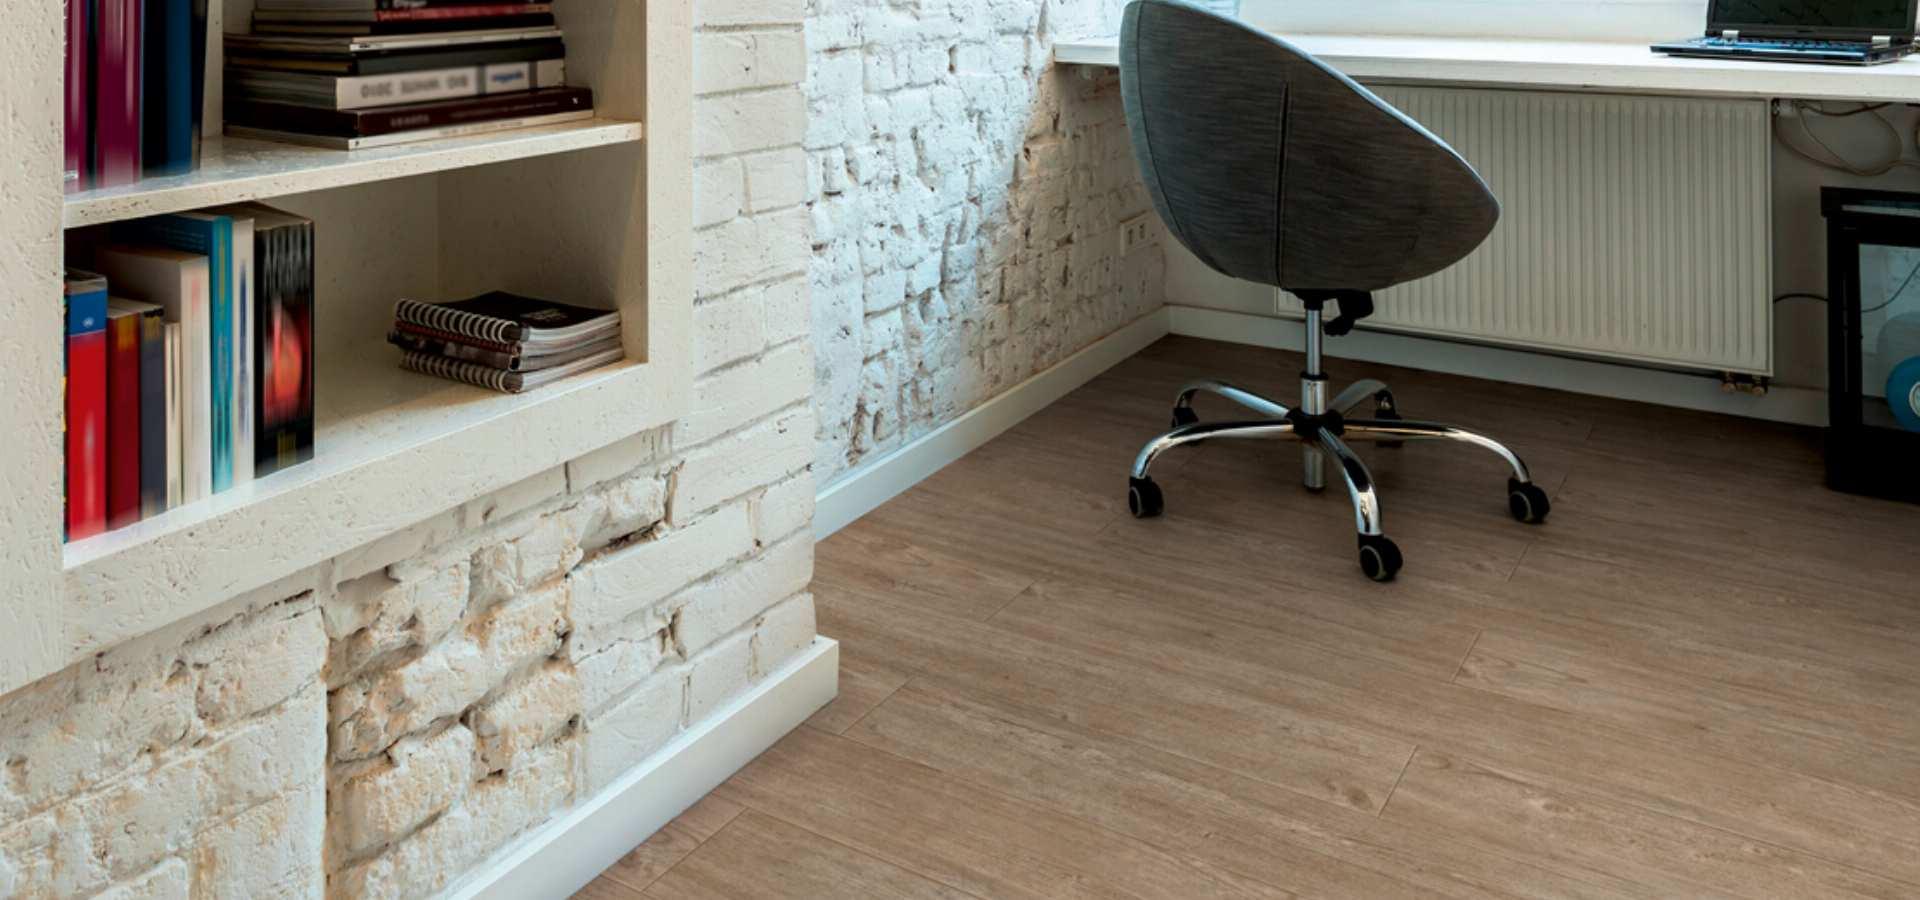 Bild Office Designbelag Holzplanken Einzelarbeitsplatz